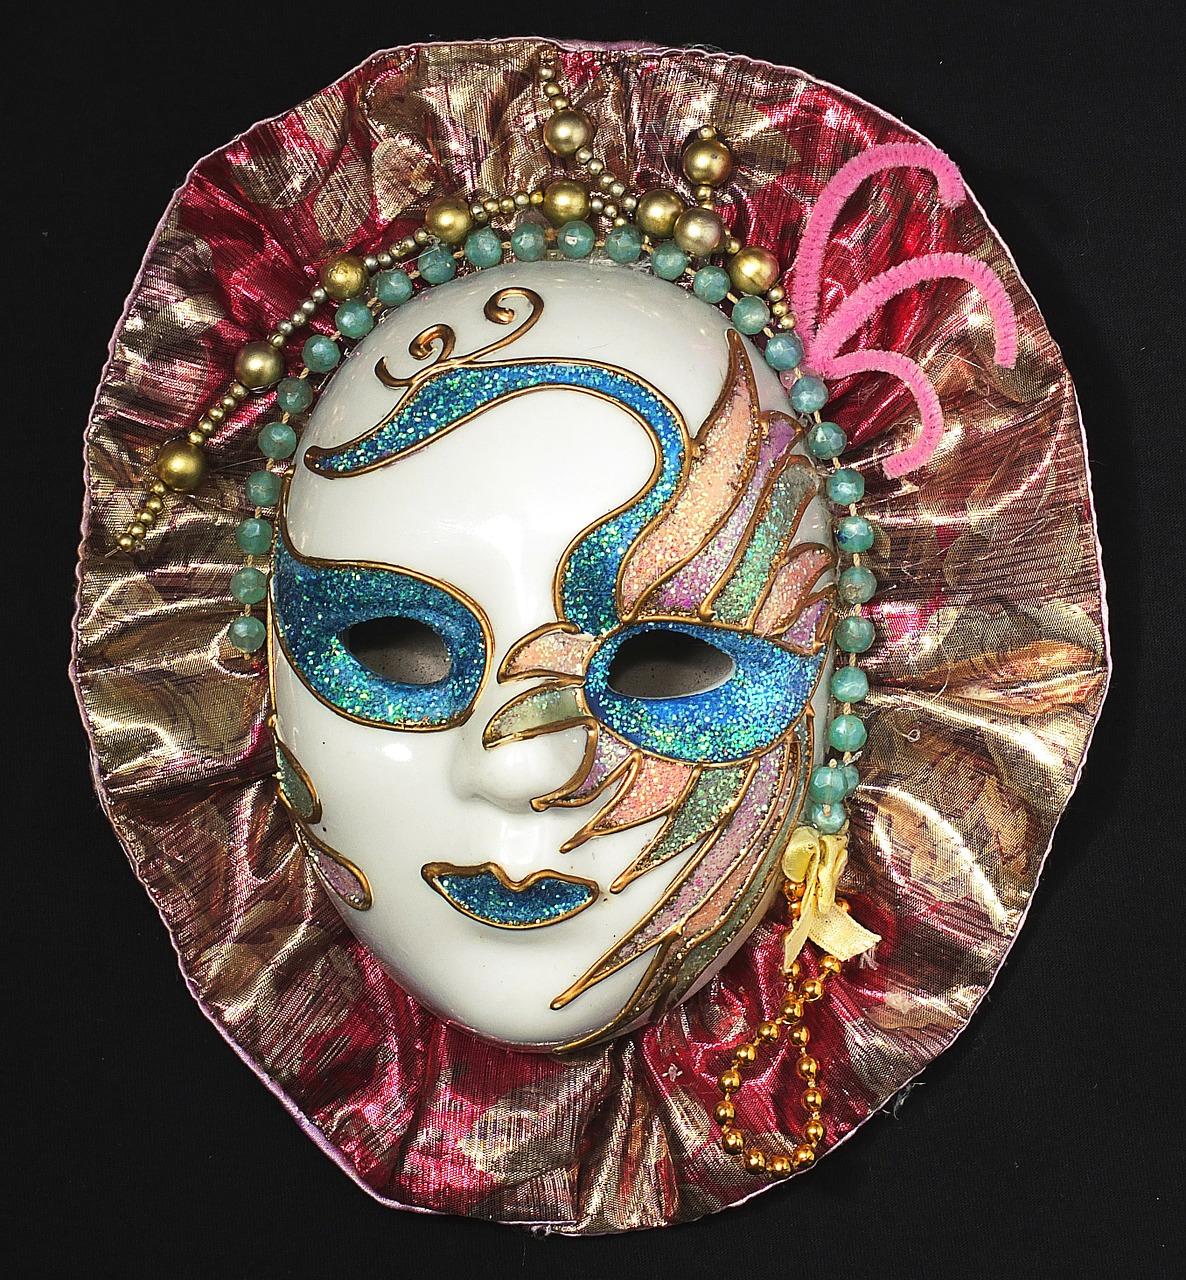 Wohl Bekannteste Historische Nutzung Von Masken Ist Im Rahmen Des Venezianischen Karnevals Der Bereits Seit Dem Jahr 1094 Bekannt War